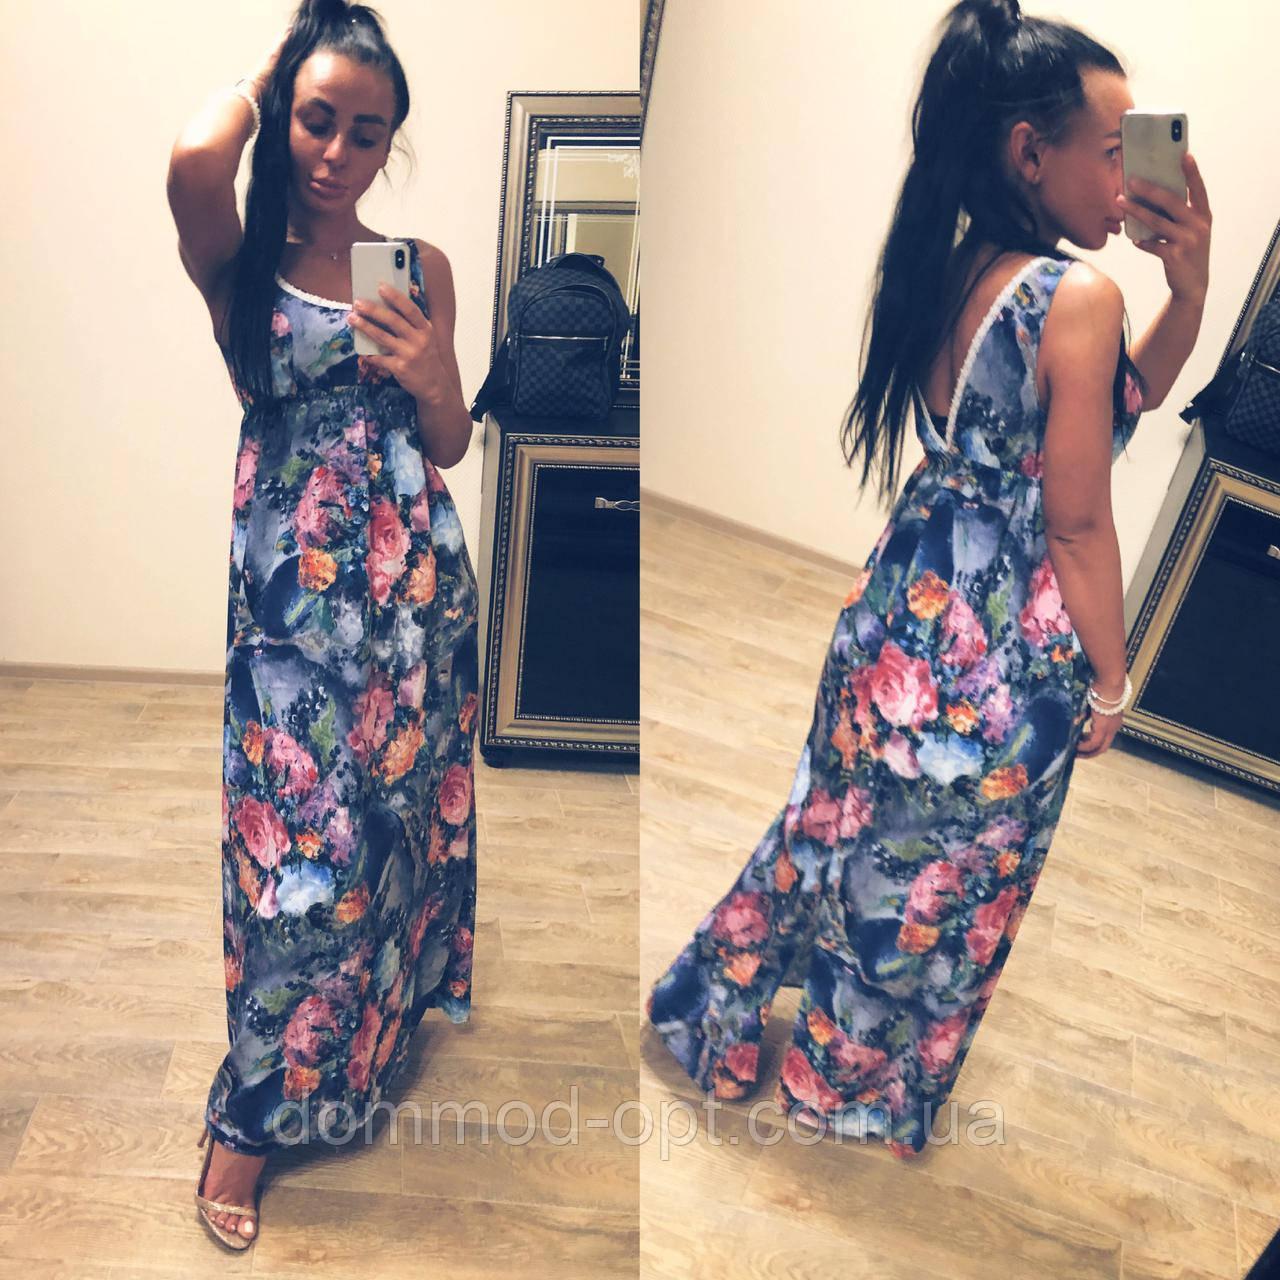 4ec96101bc1 Легкое летнее платье Dress   абстракт синий купить в Украине по ...